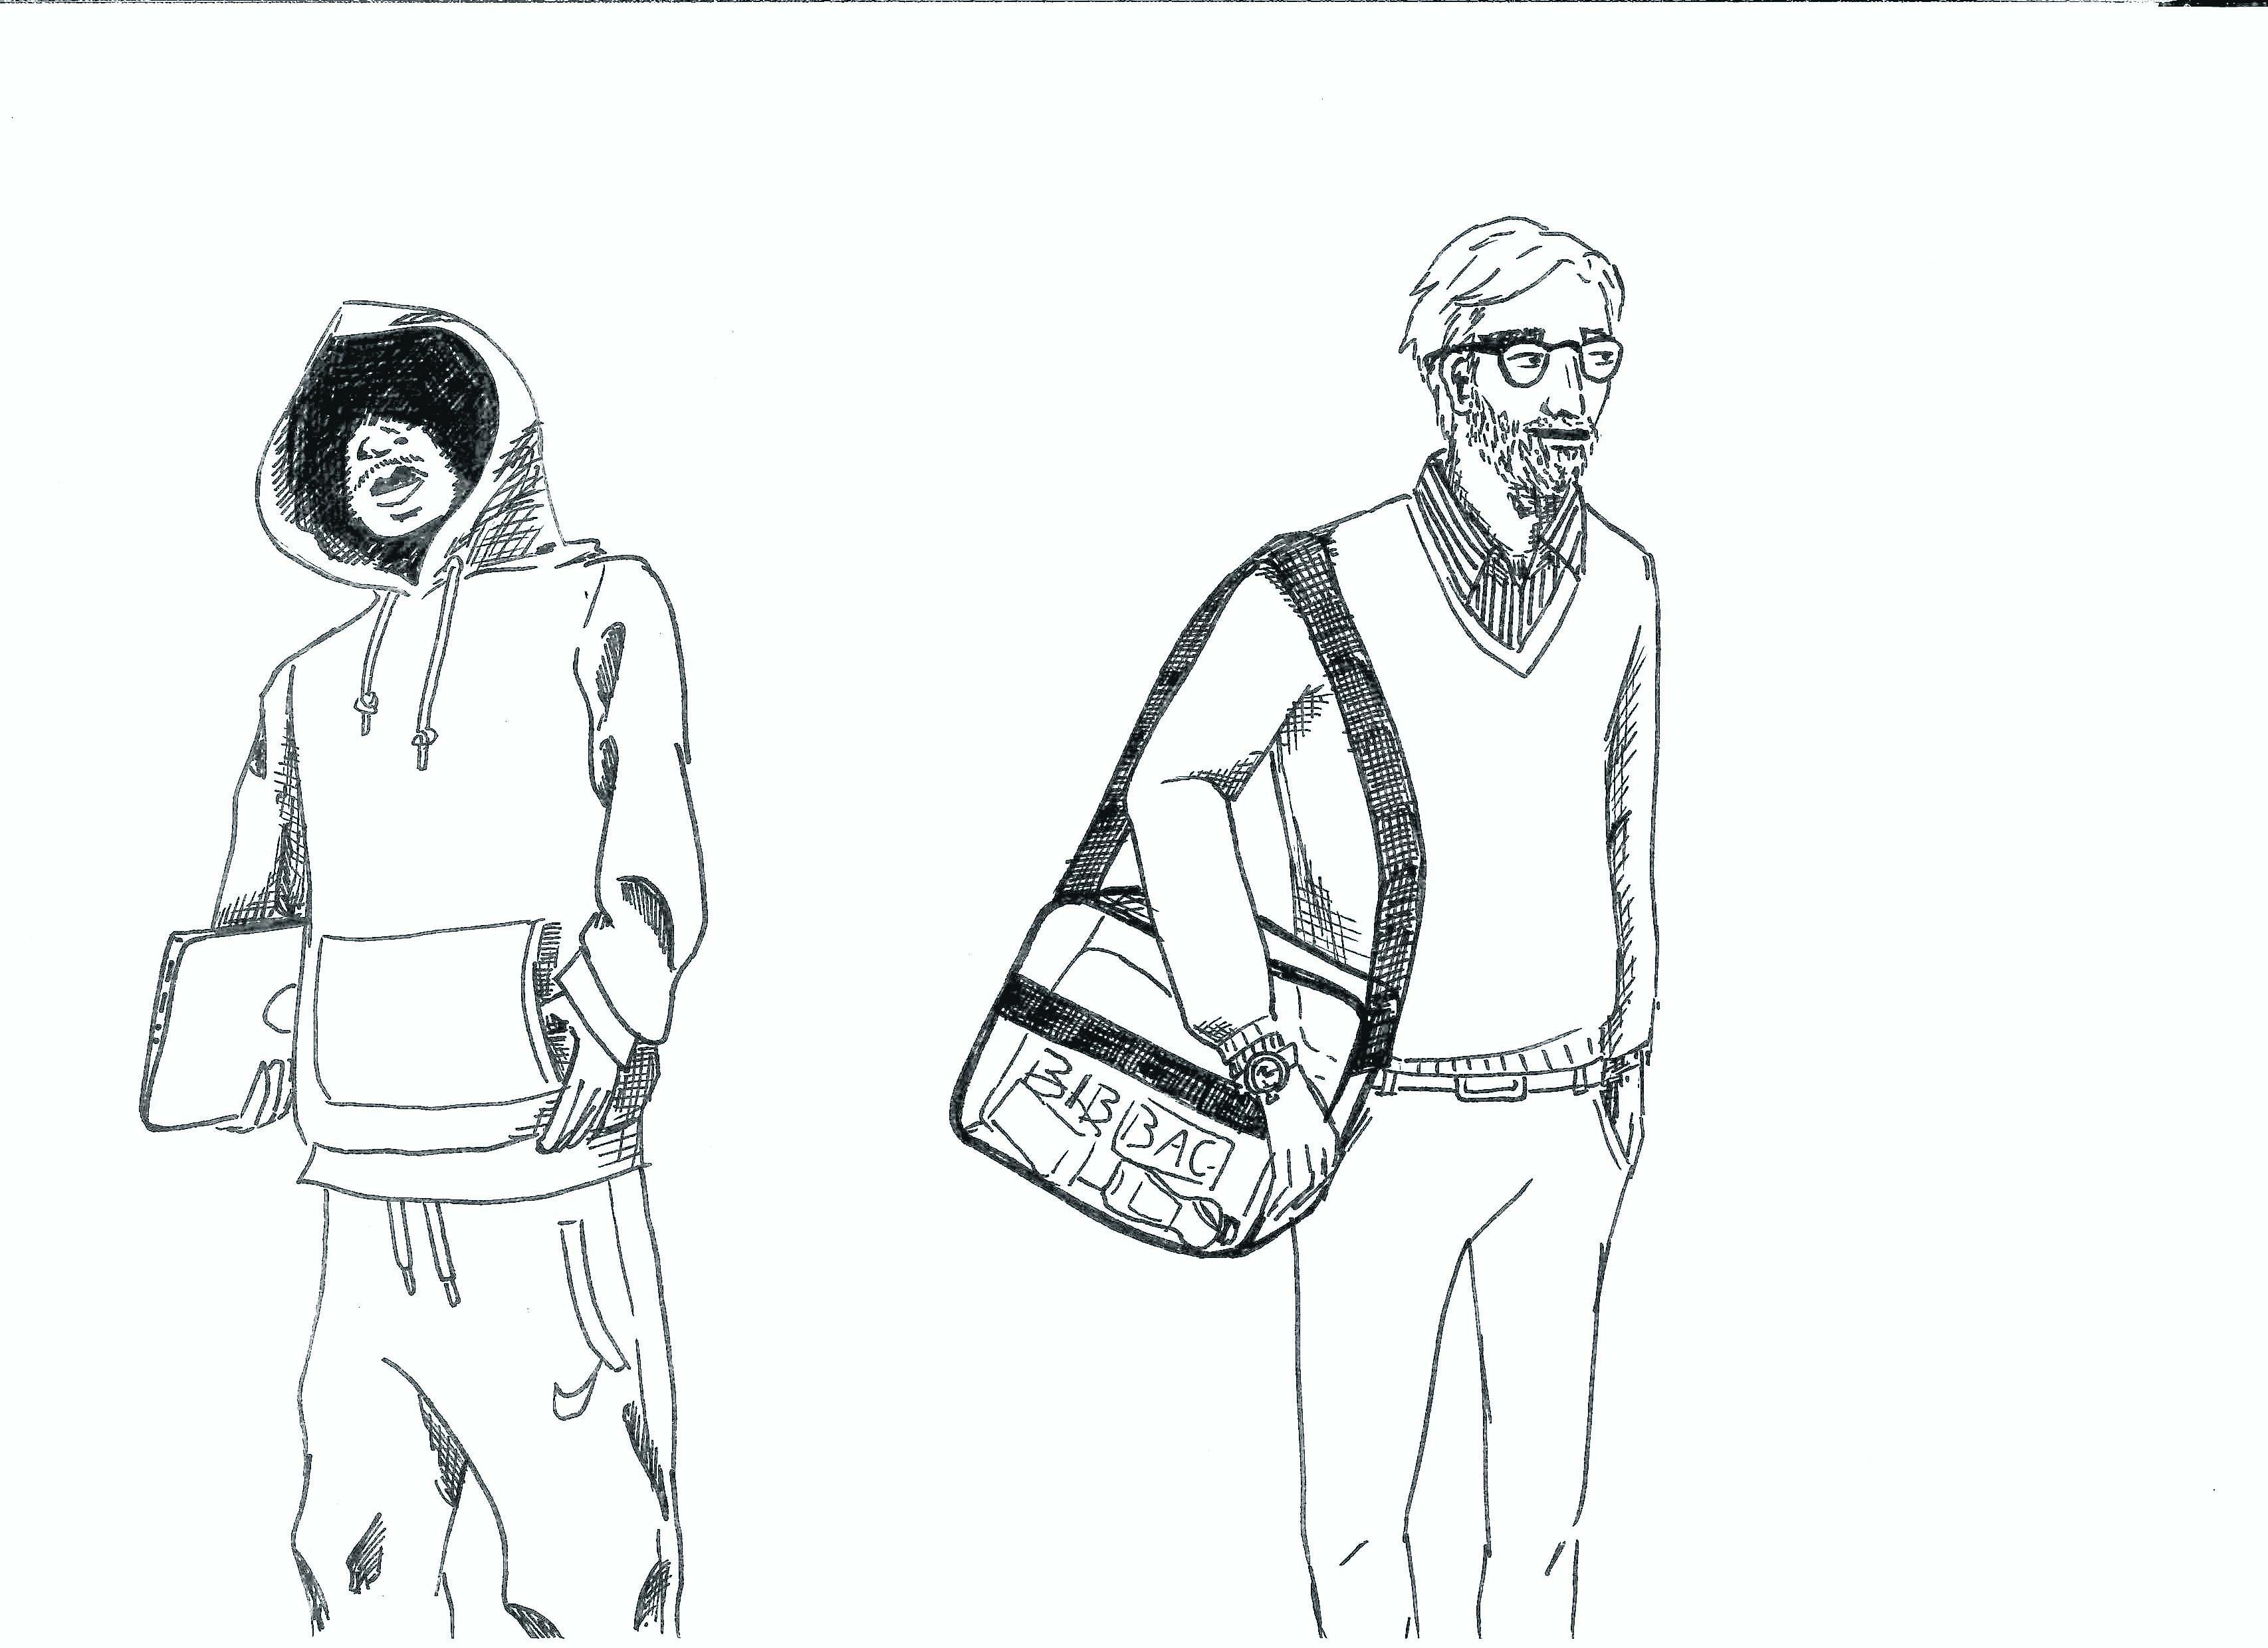 Taugt der Schlabber-Look für die Bib? Zeichnung: Bérénice Burdack